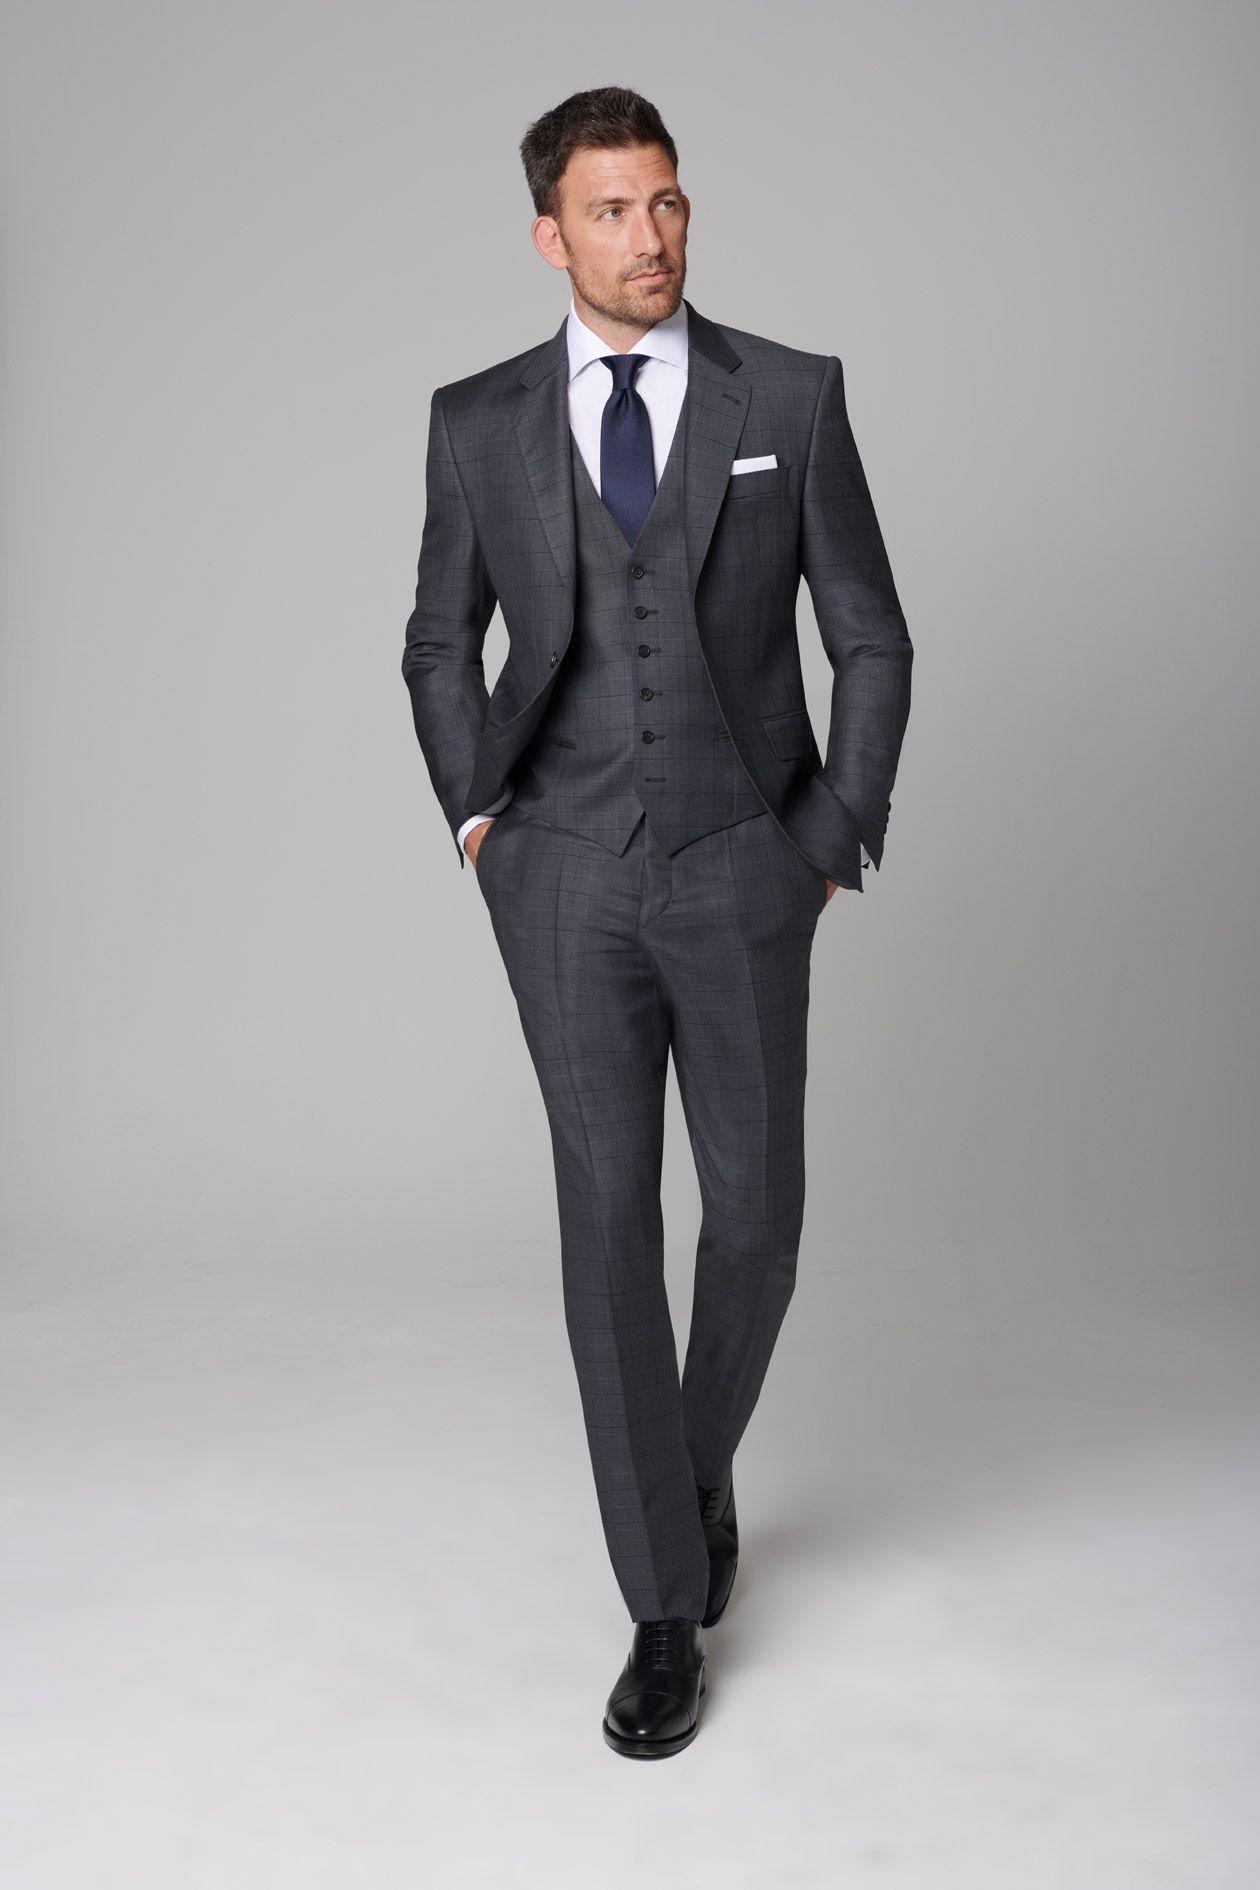 Mit Diesem Anthrazitfarbenen Executive Anzug In Feinem Karo Muster Nach Mass Von Dolzer Sorgen Sie Fur Eine Pr Herrenmode Anzuge Manner Anzug Anzug Und Krawatte